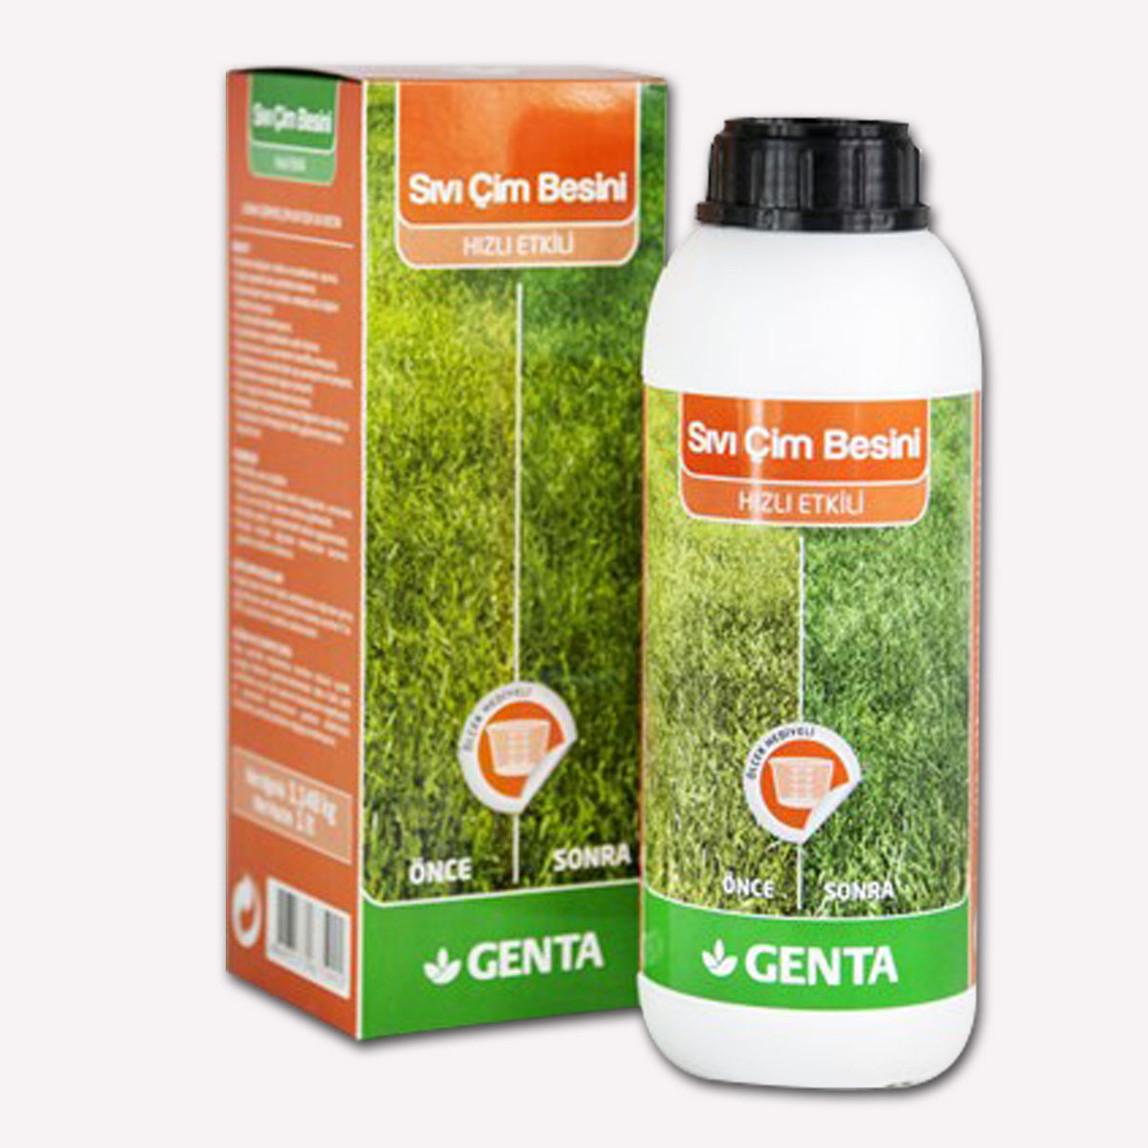 Genta Hızlı Etkili Sıvı Çim Besini 1 lt.